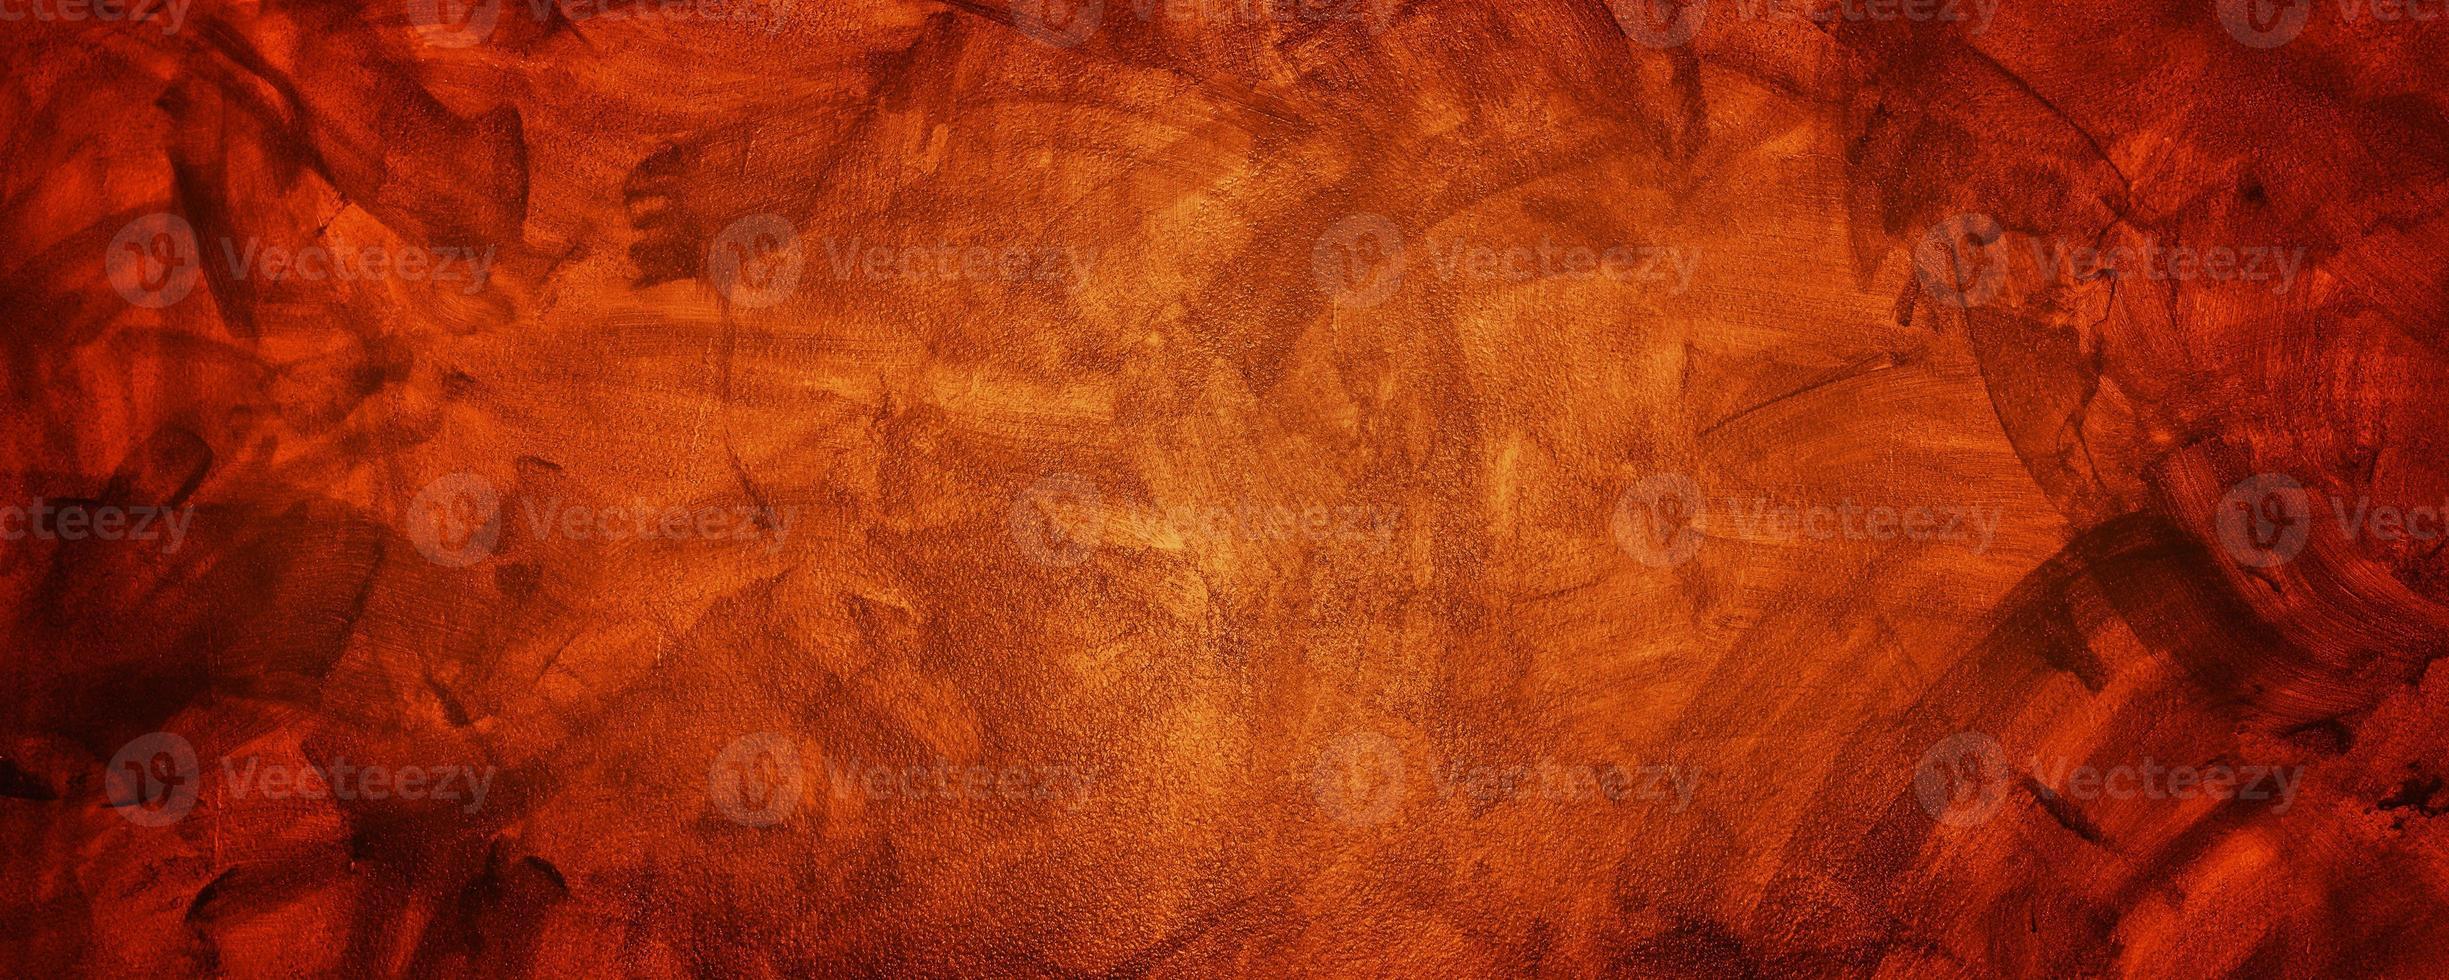 cemento o muro de hormigón de color amarillo oscuro y naranja para el fondo o la textura foto